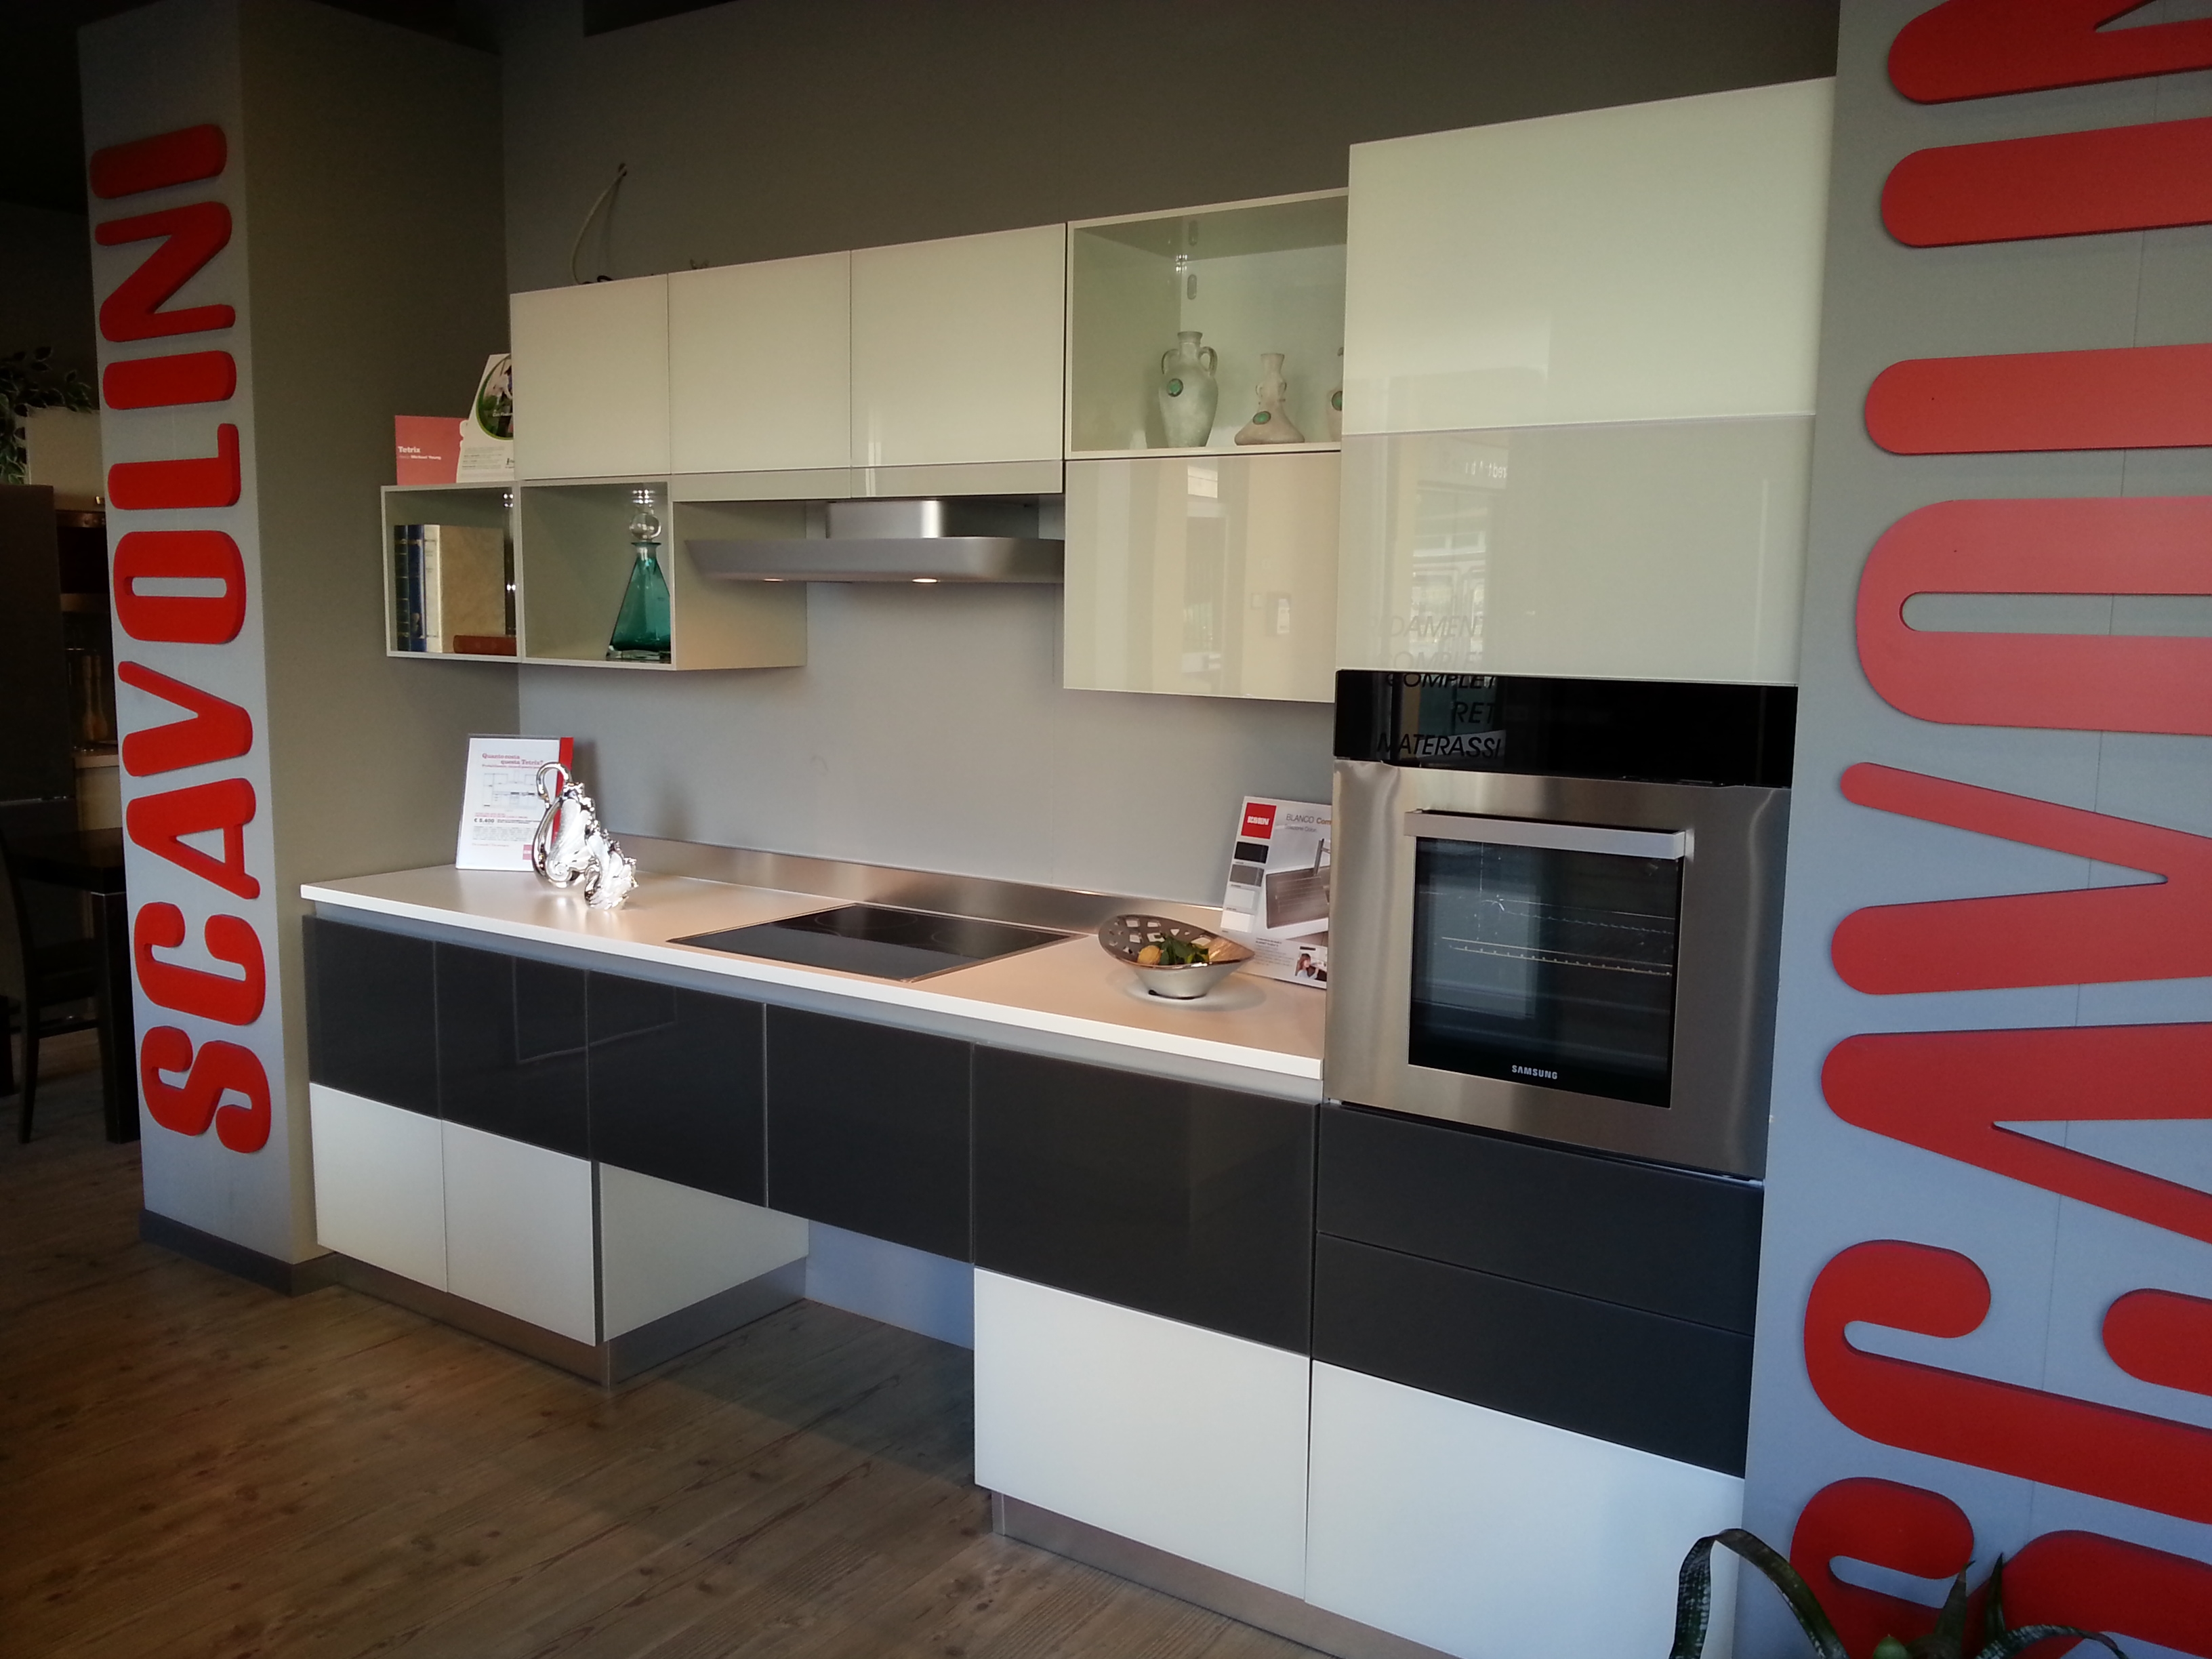 Stunning cucine con isola centrale prezzi images ideas - Cucine moderne con isola ...